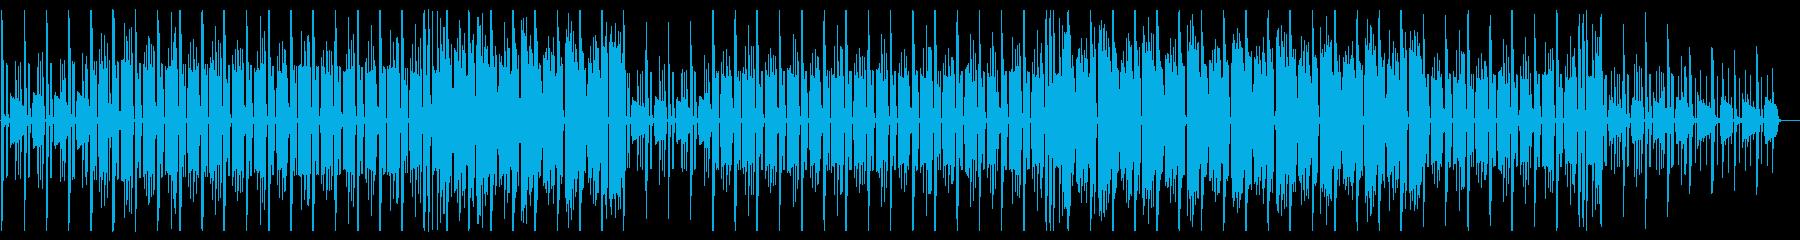 主旋律なしの明るいLofihiphopの再生済みの波形